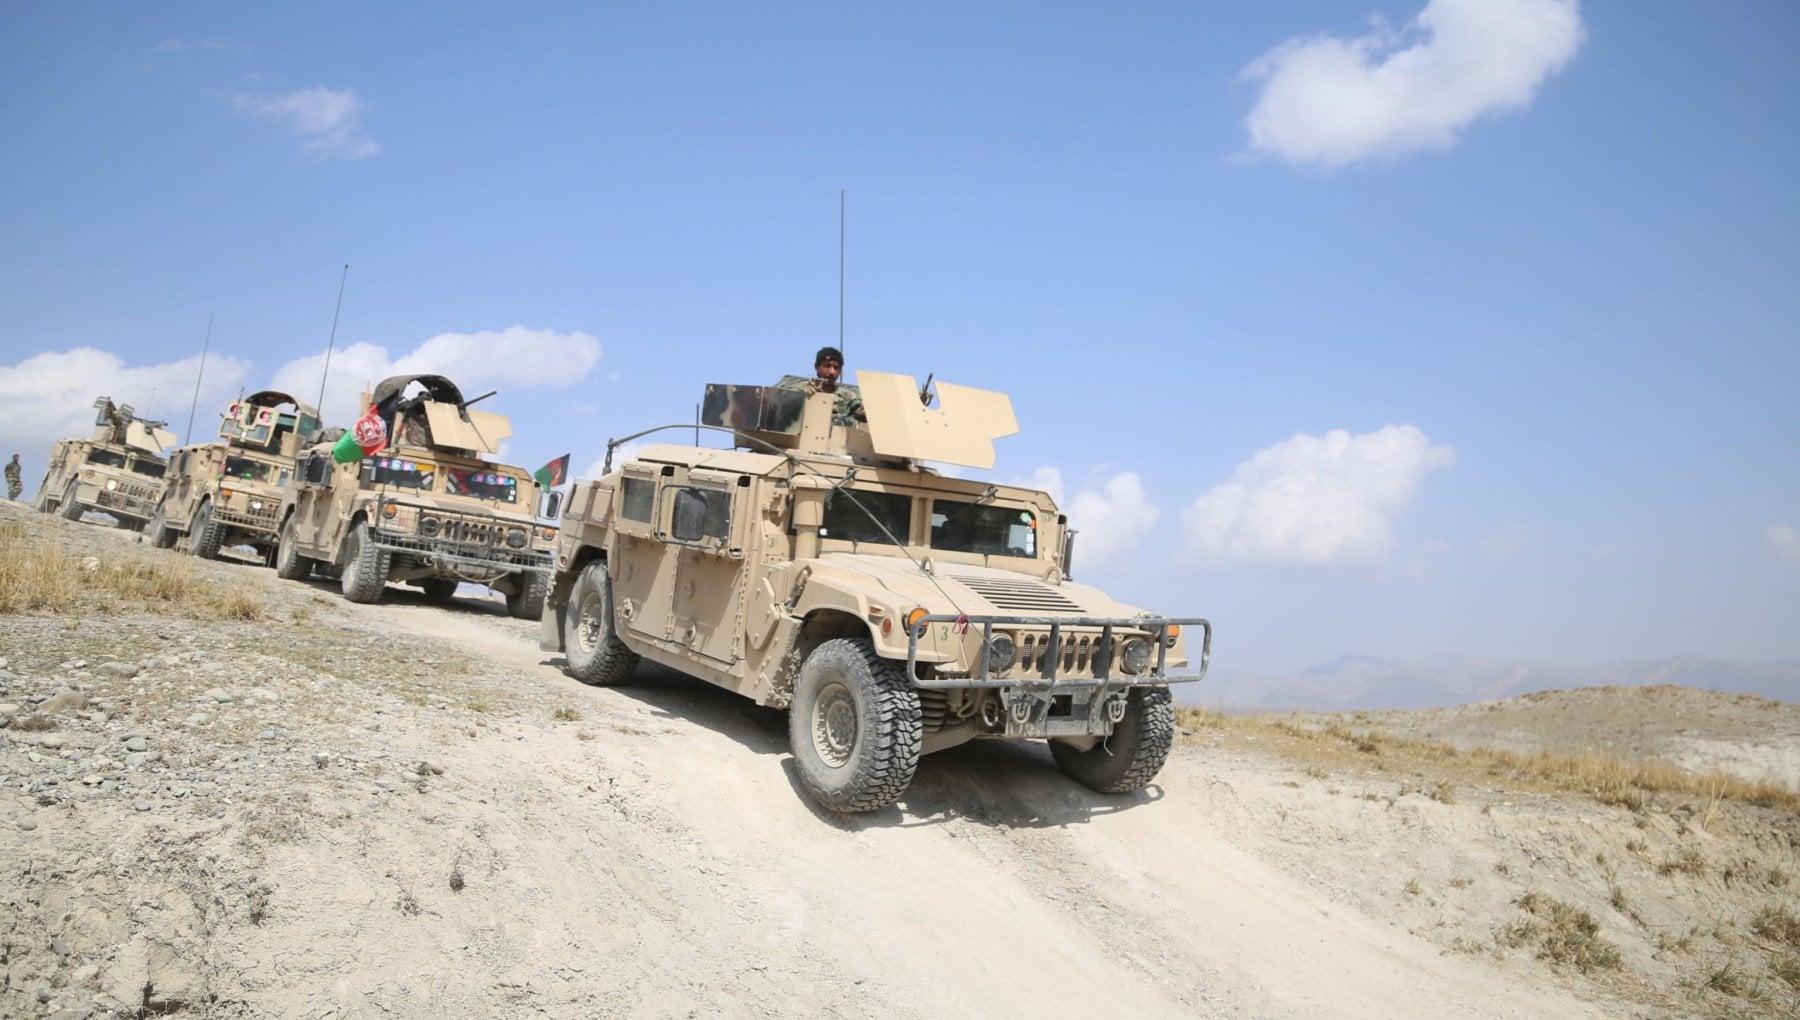 """162116057 c823855b b03f 4874 88e2 1e0acc5929aa - Il portavoce dei talebani: """"Il ritiro di tutte le forze straniere dall'Afghanistan è la condizione per il dialogo"""""""